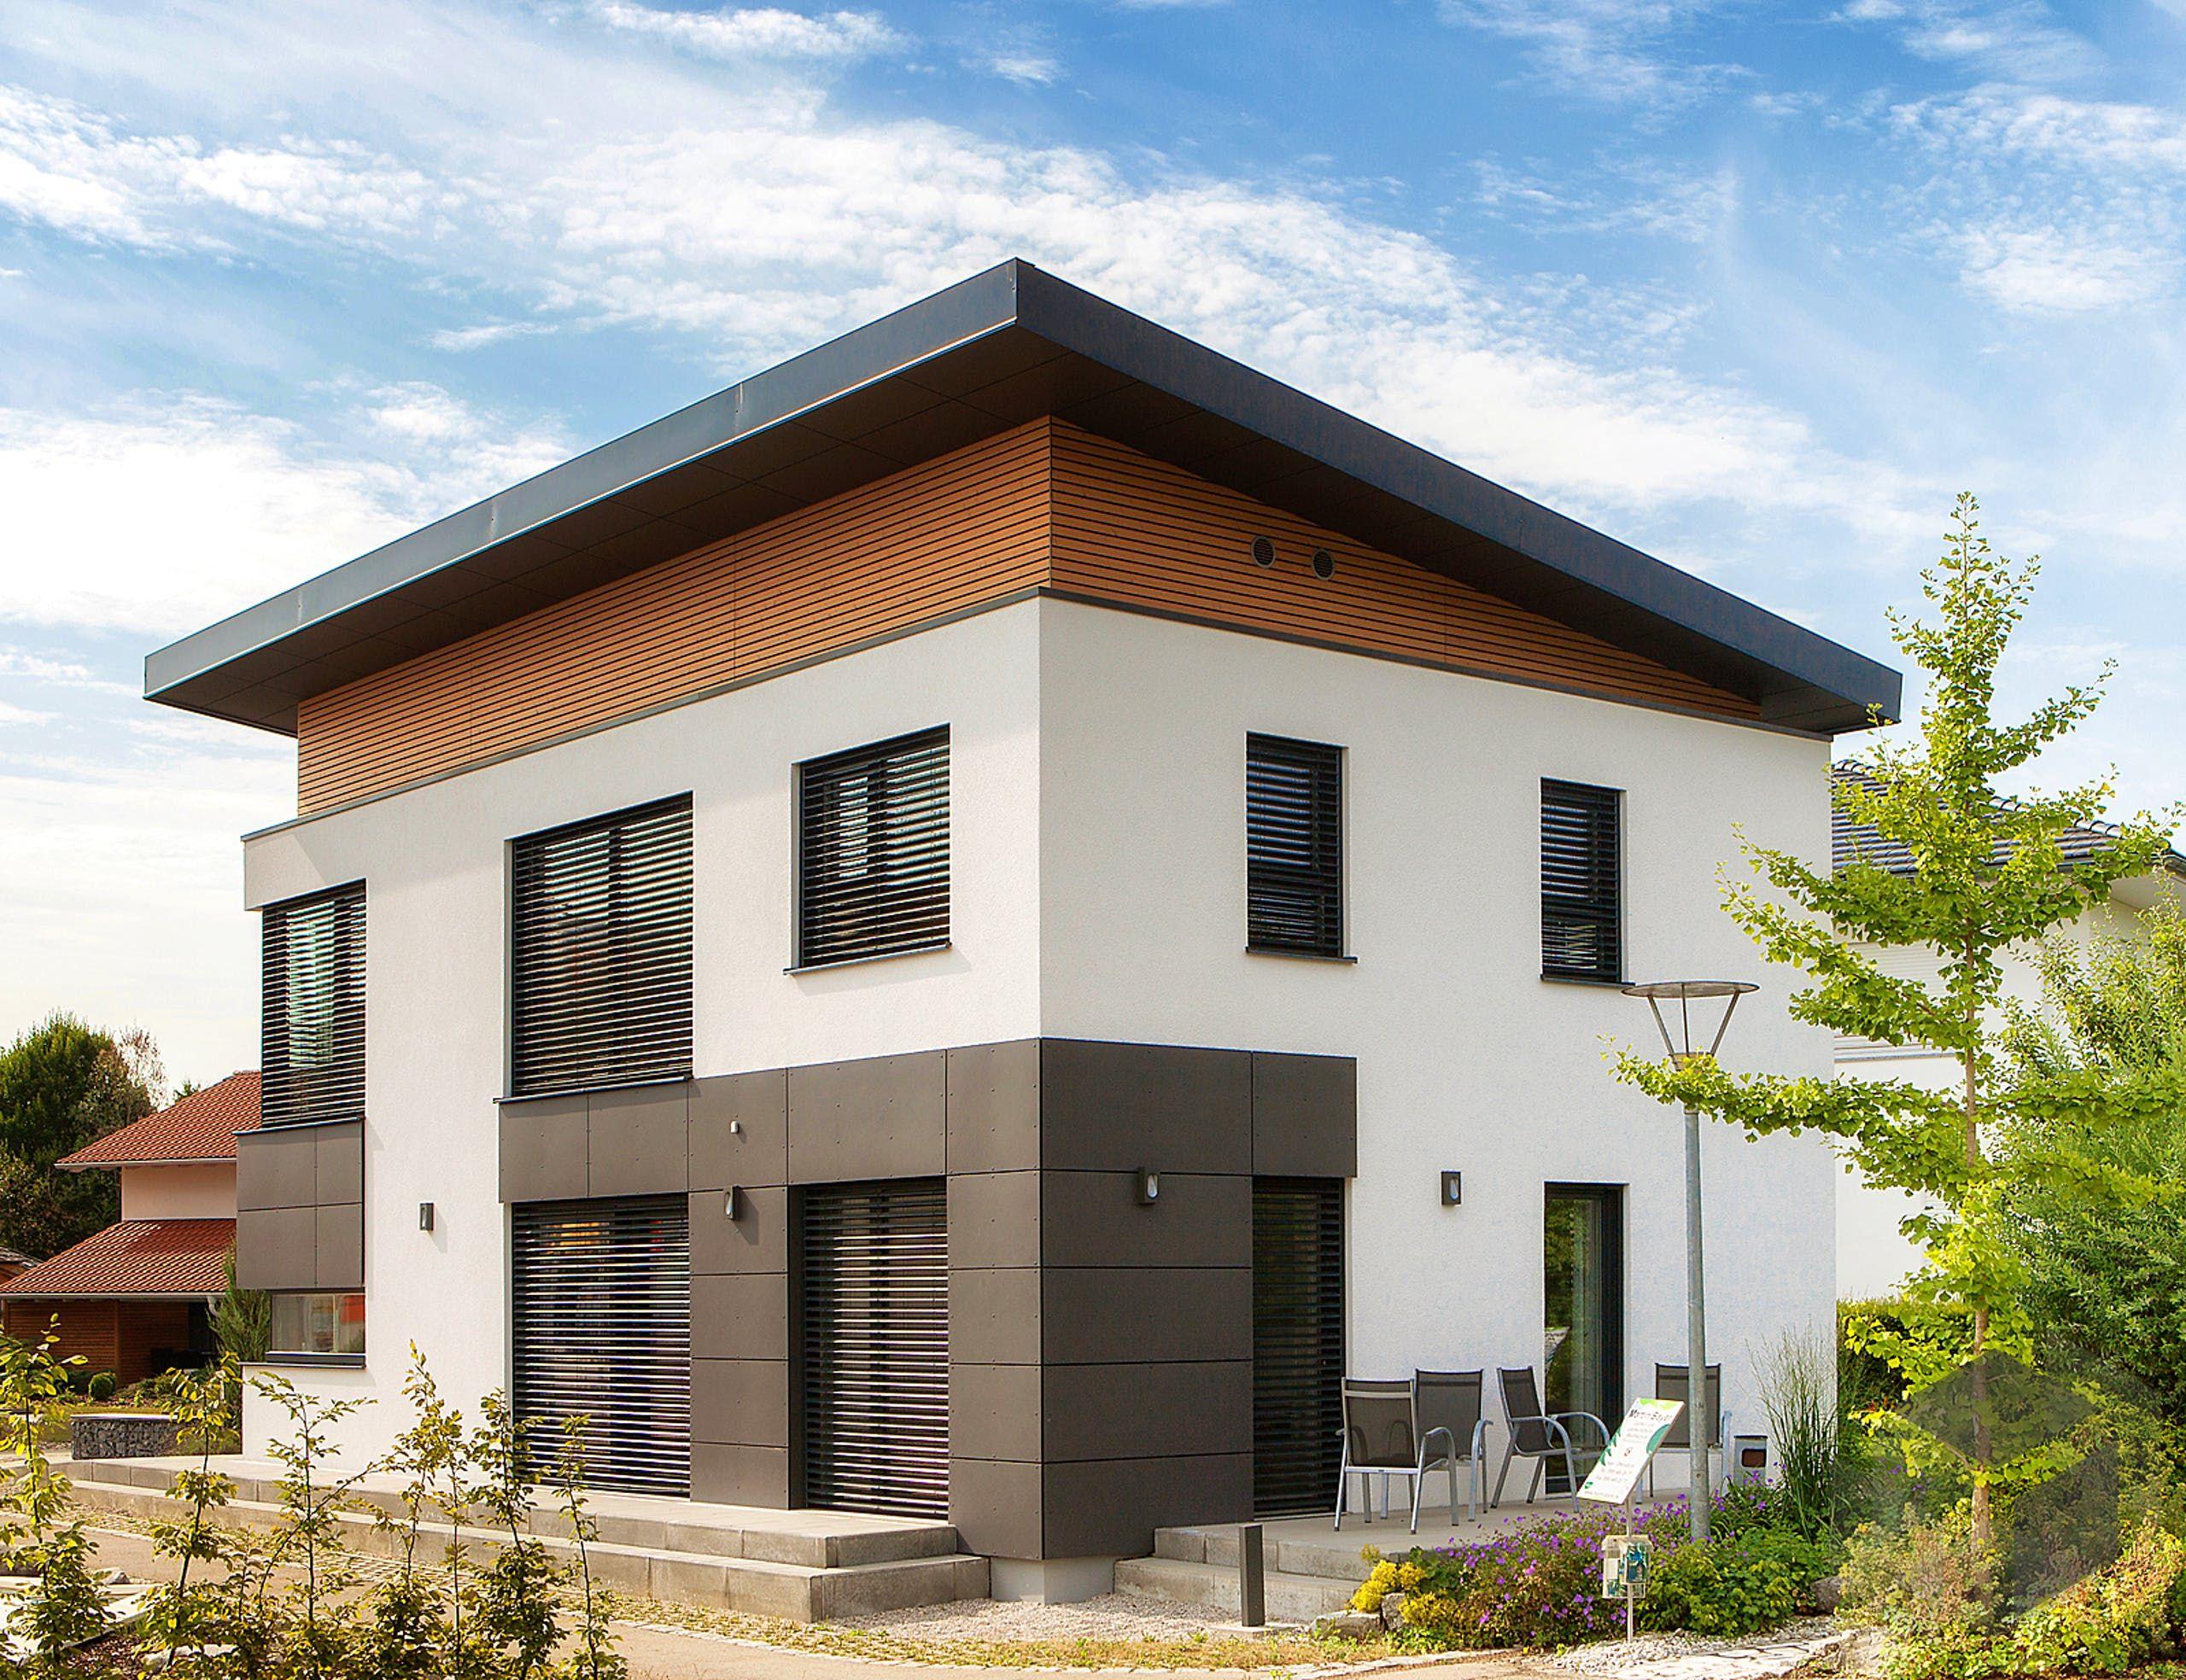 Pultdachhaus 'Musterhaus Poing' von Wolf System Alle